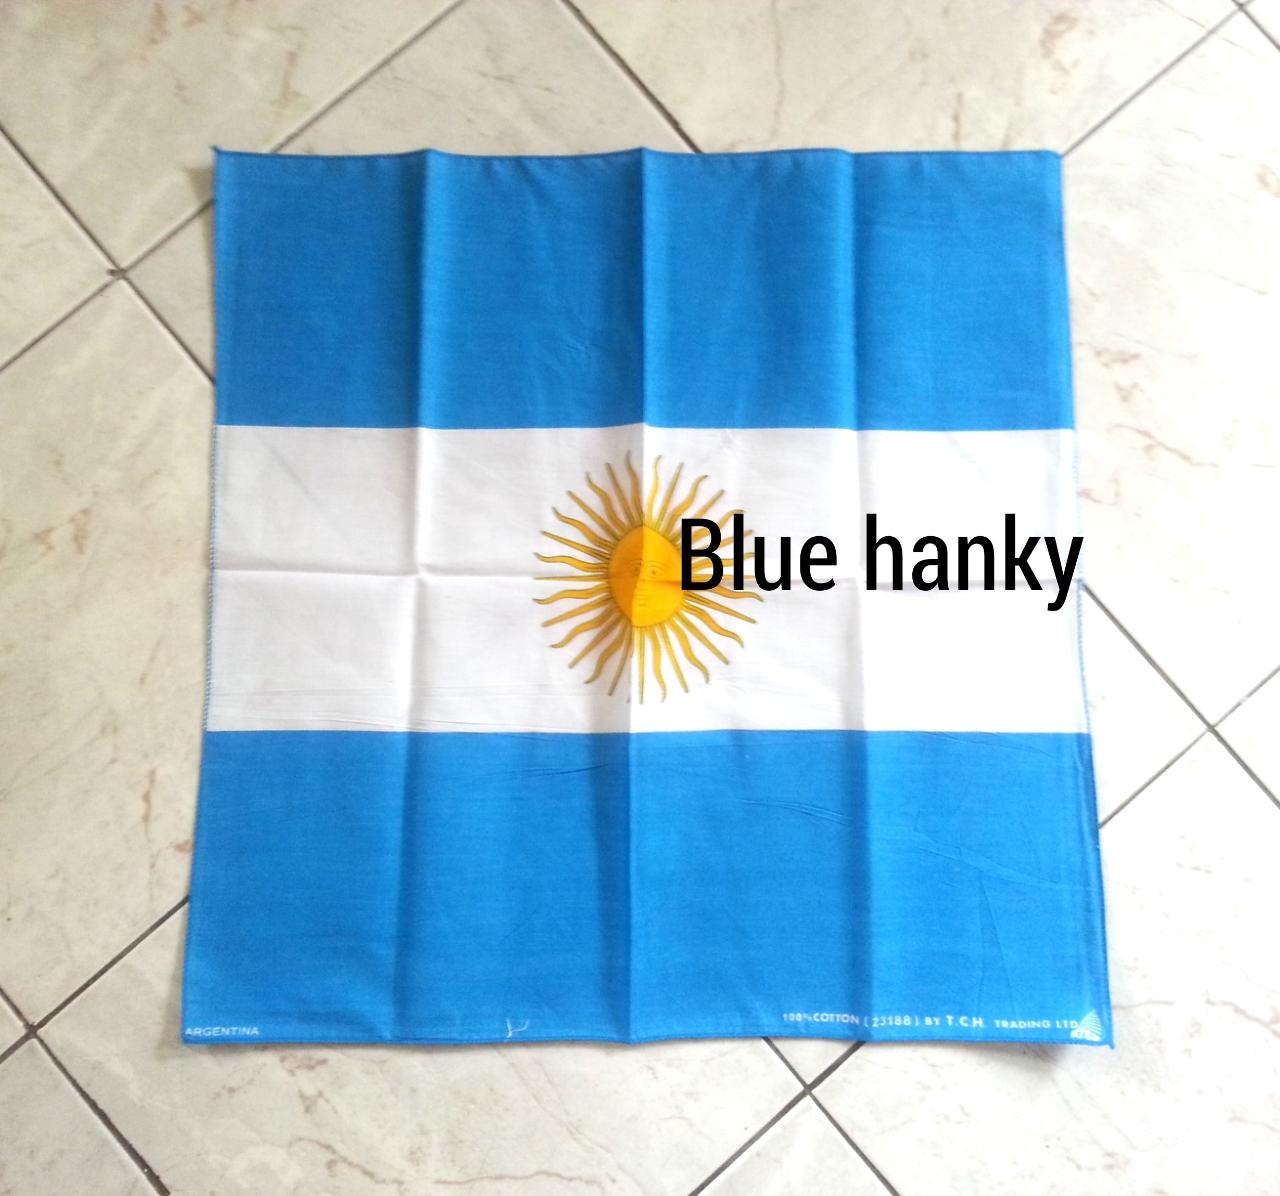 ผ้าพันคอลายธงชาติอาร์เจนติน่า